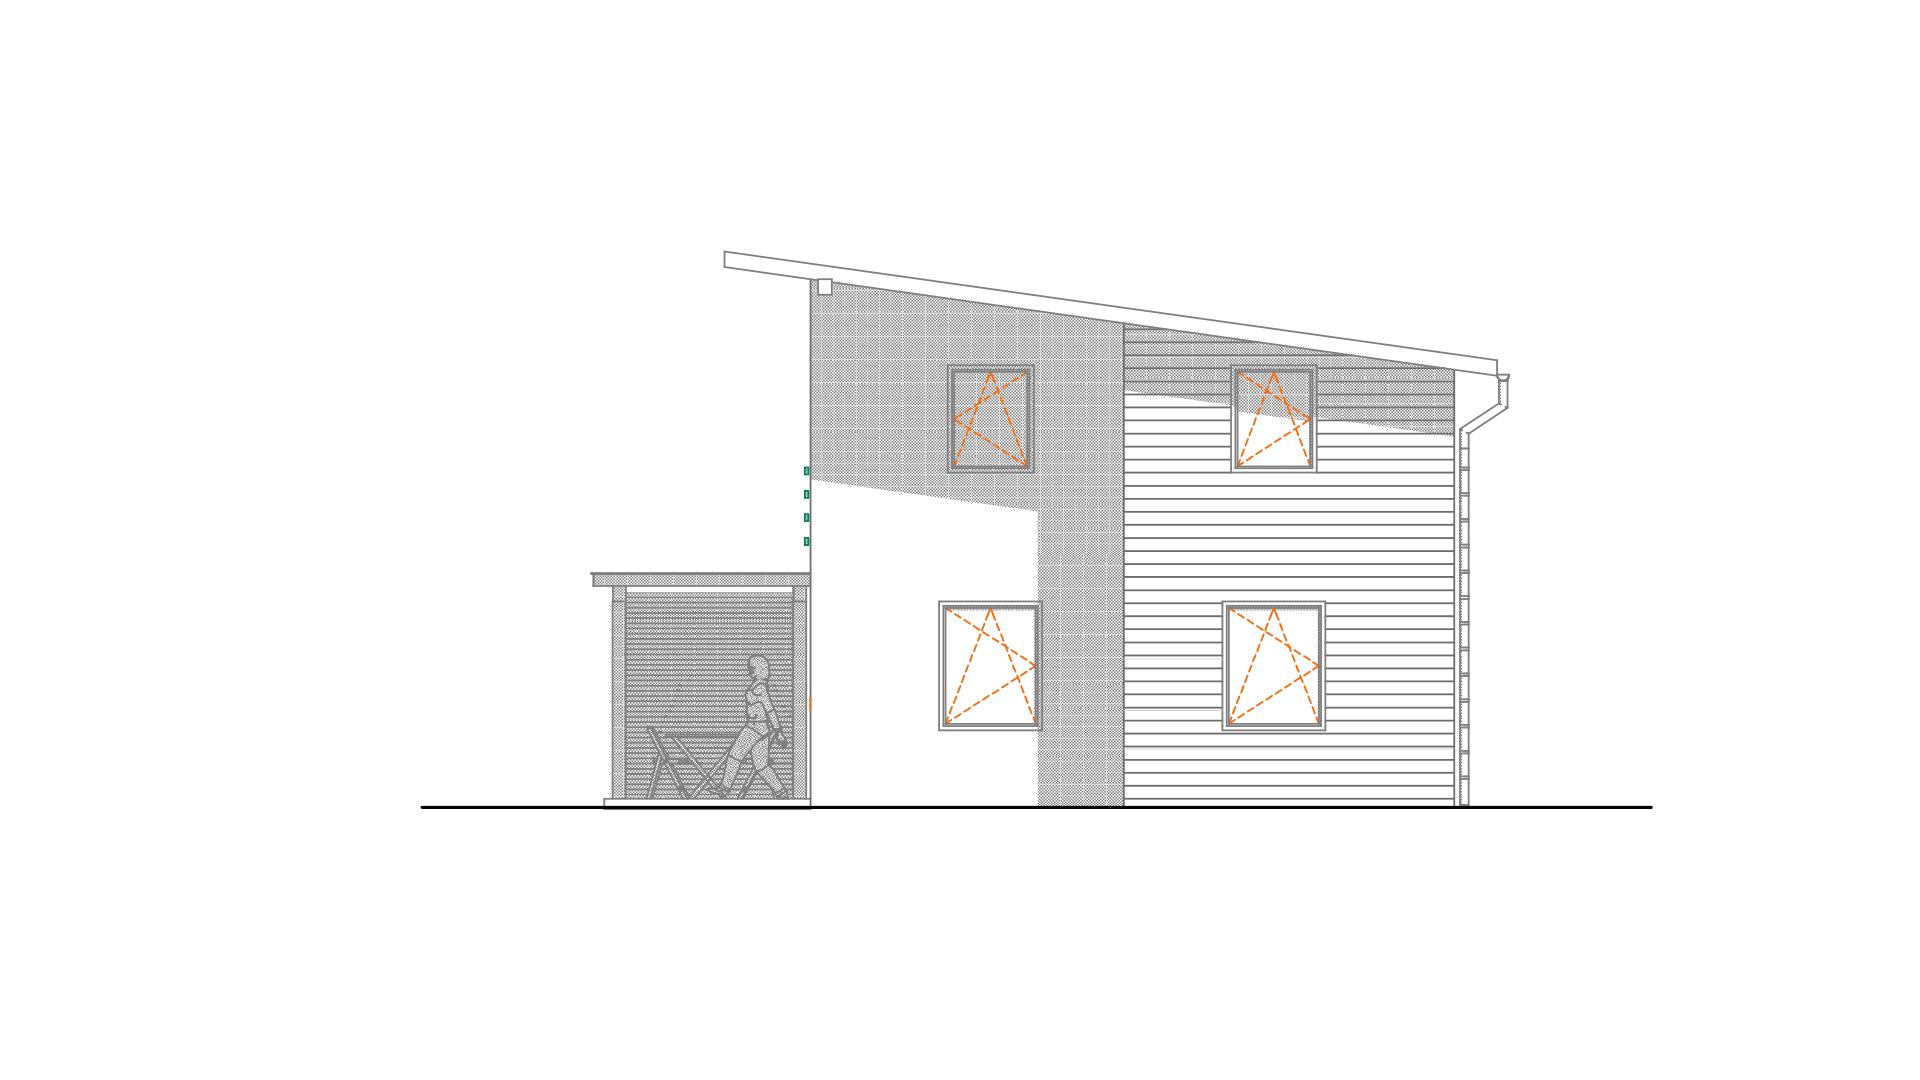 Karta-domu-Richie_02_zelená stavba